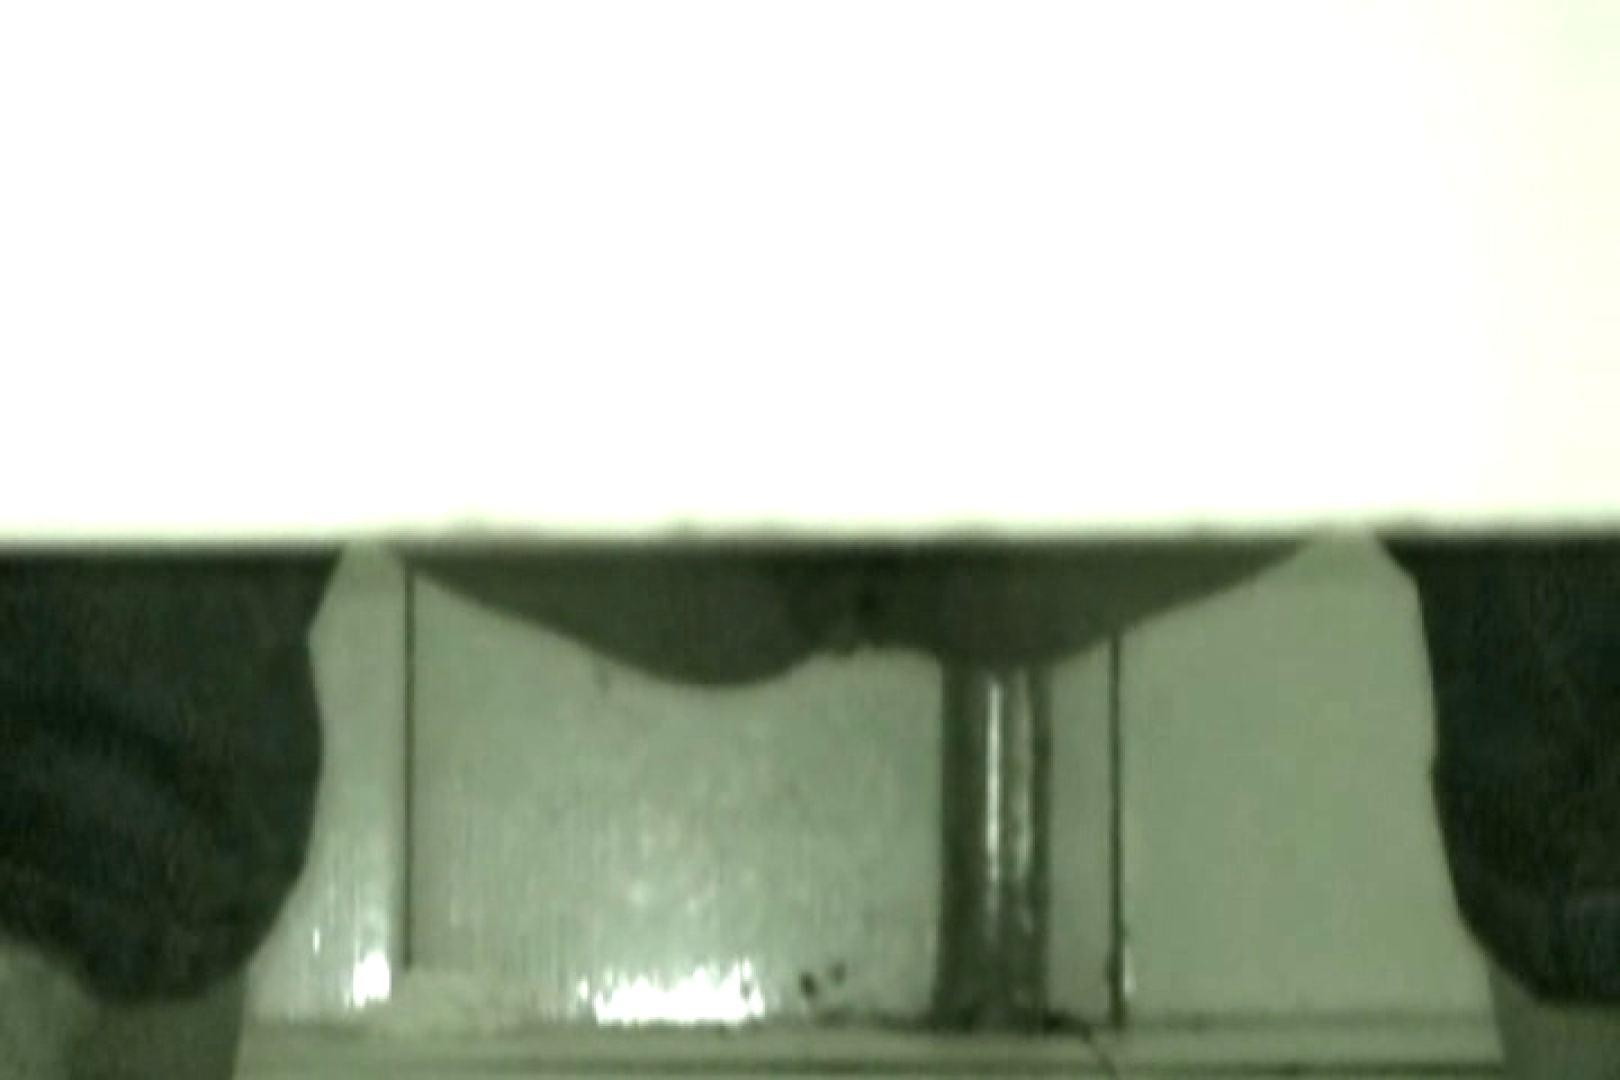 ぼっとん洗面所スペシャルVol.5 おまんこ無修正   エロティックなOL  68画像 28